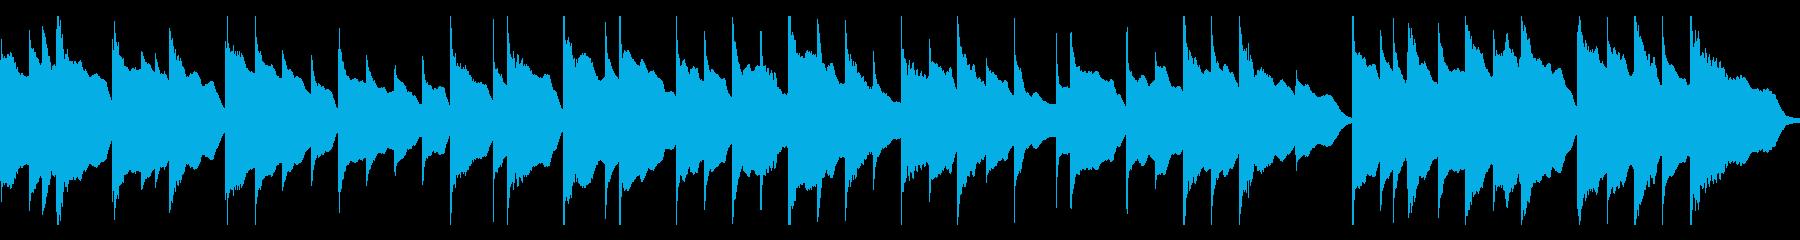 ビブラフォンの子守唄 その2の再生済みの波形